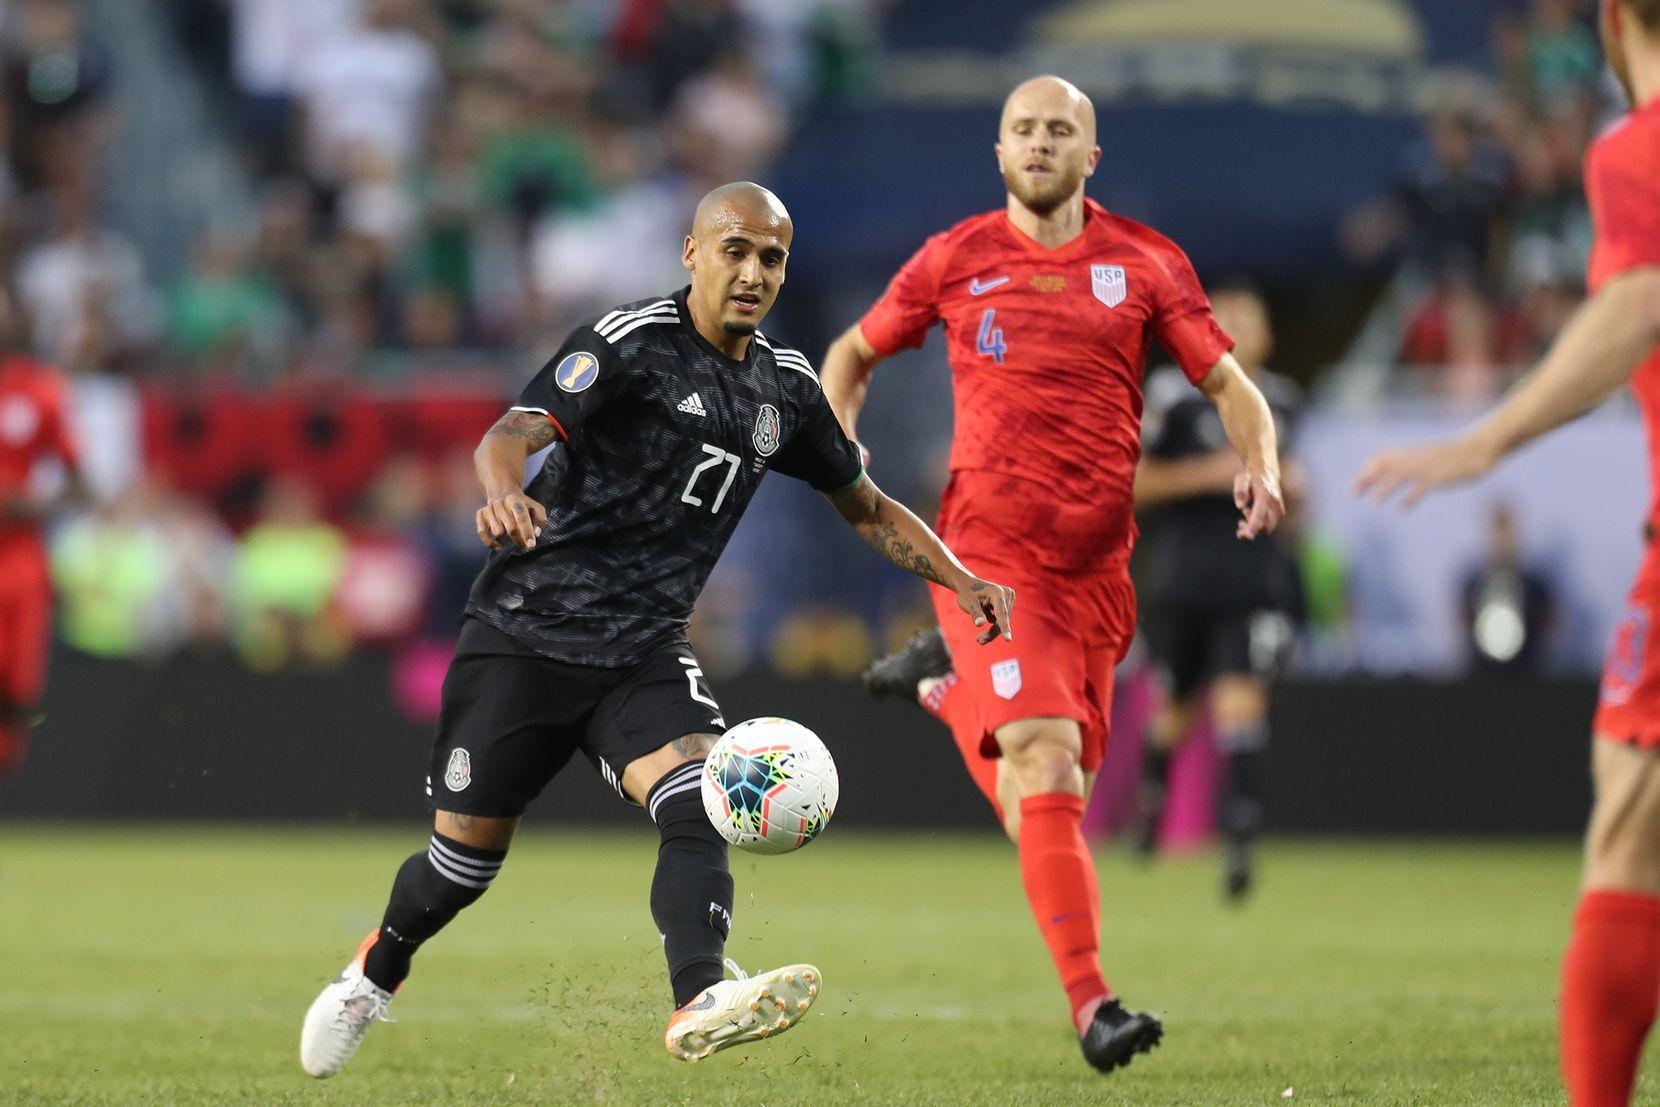 México venció 1-0 aEstados Unidos en la final de la Copa Oro 2019. Foto de Omar Vega para Al Día